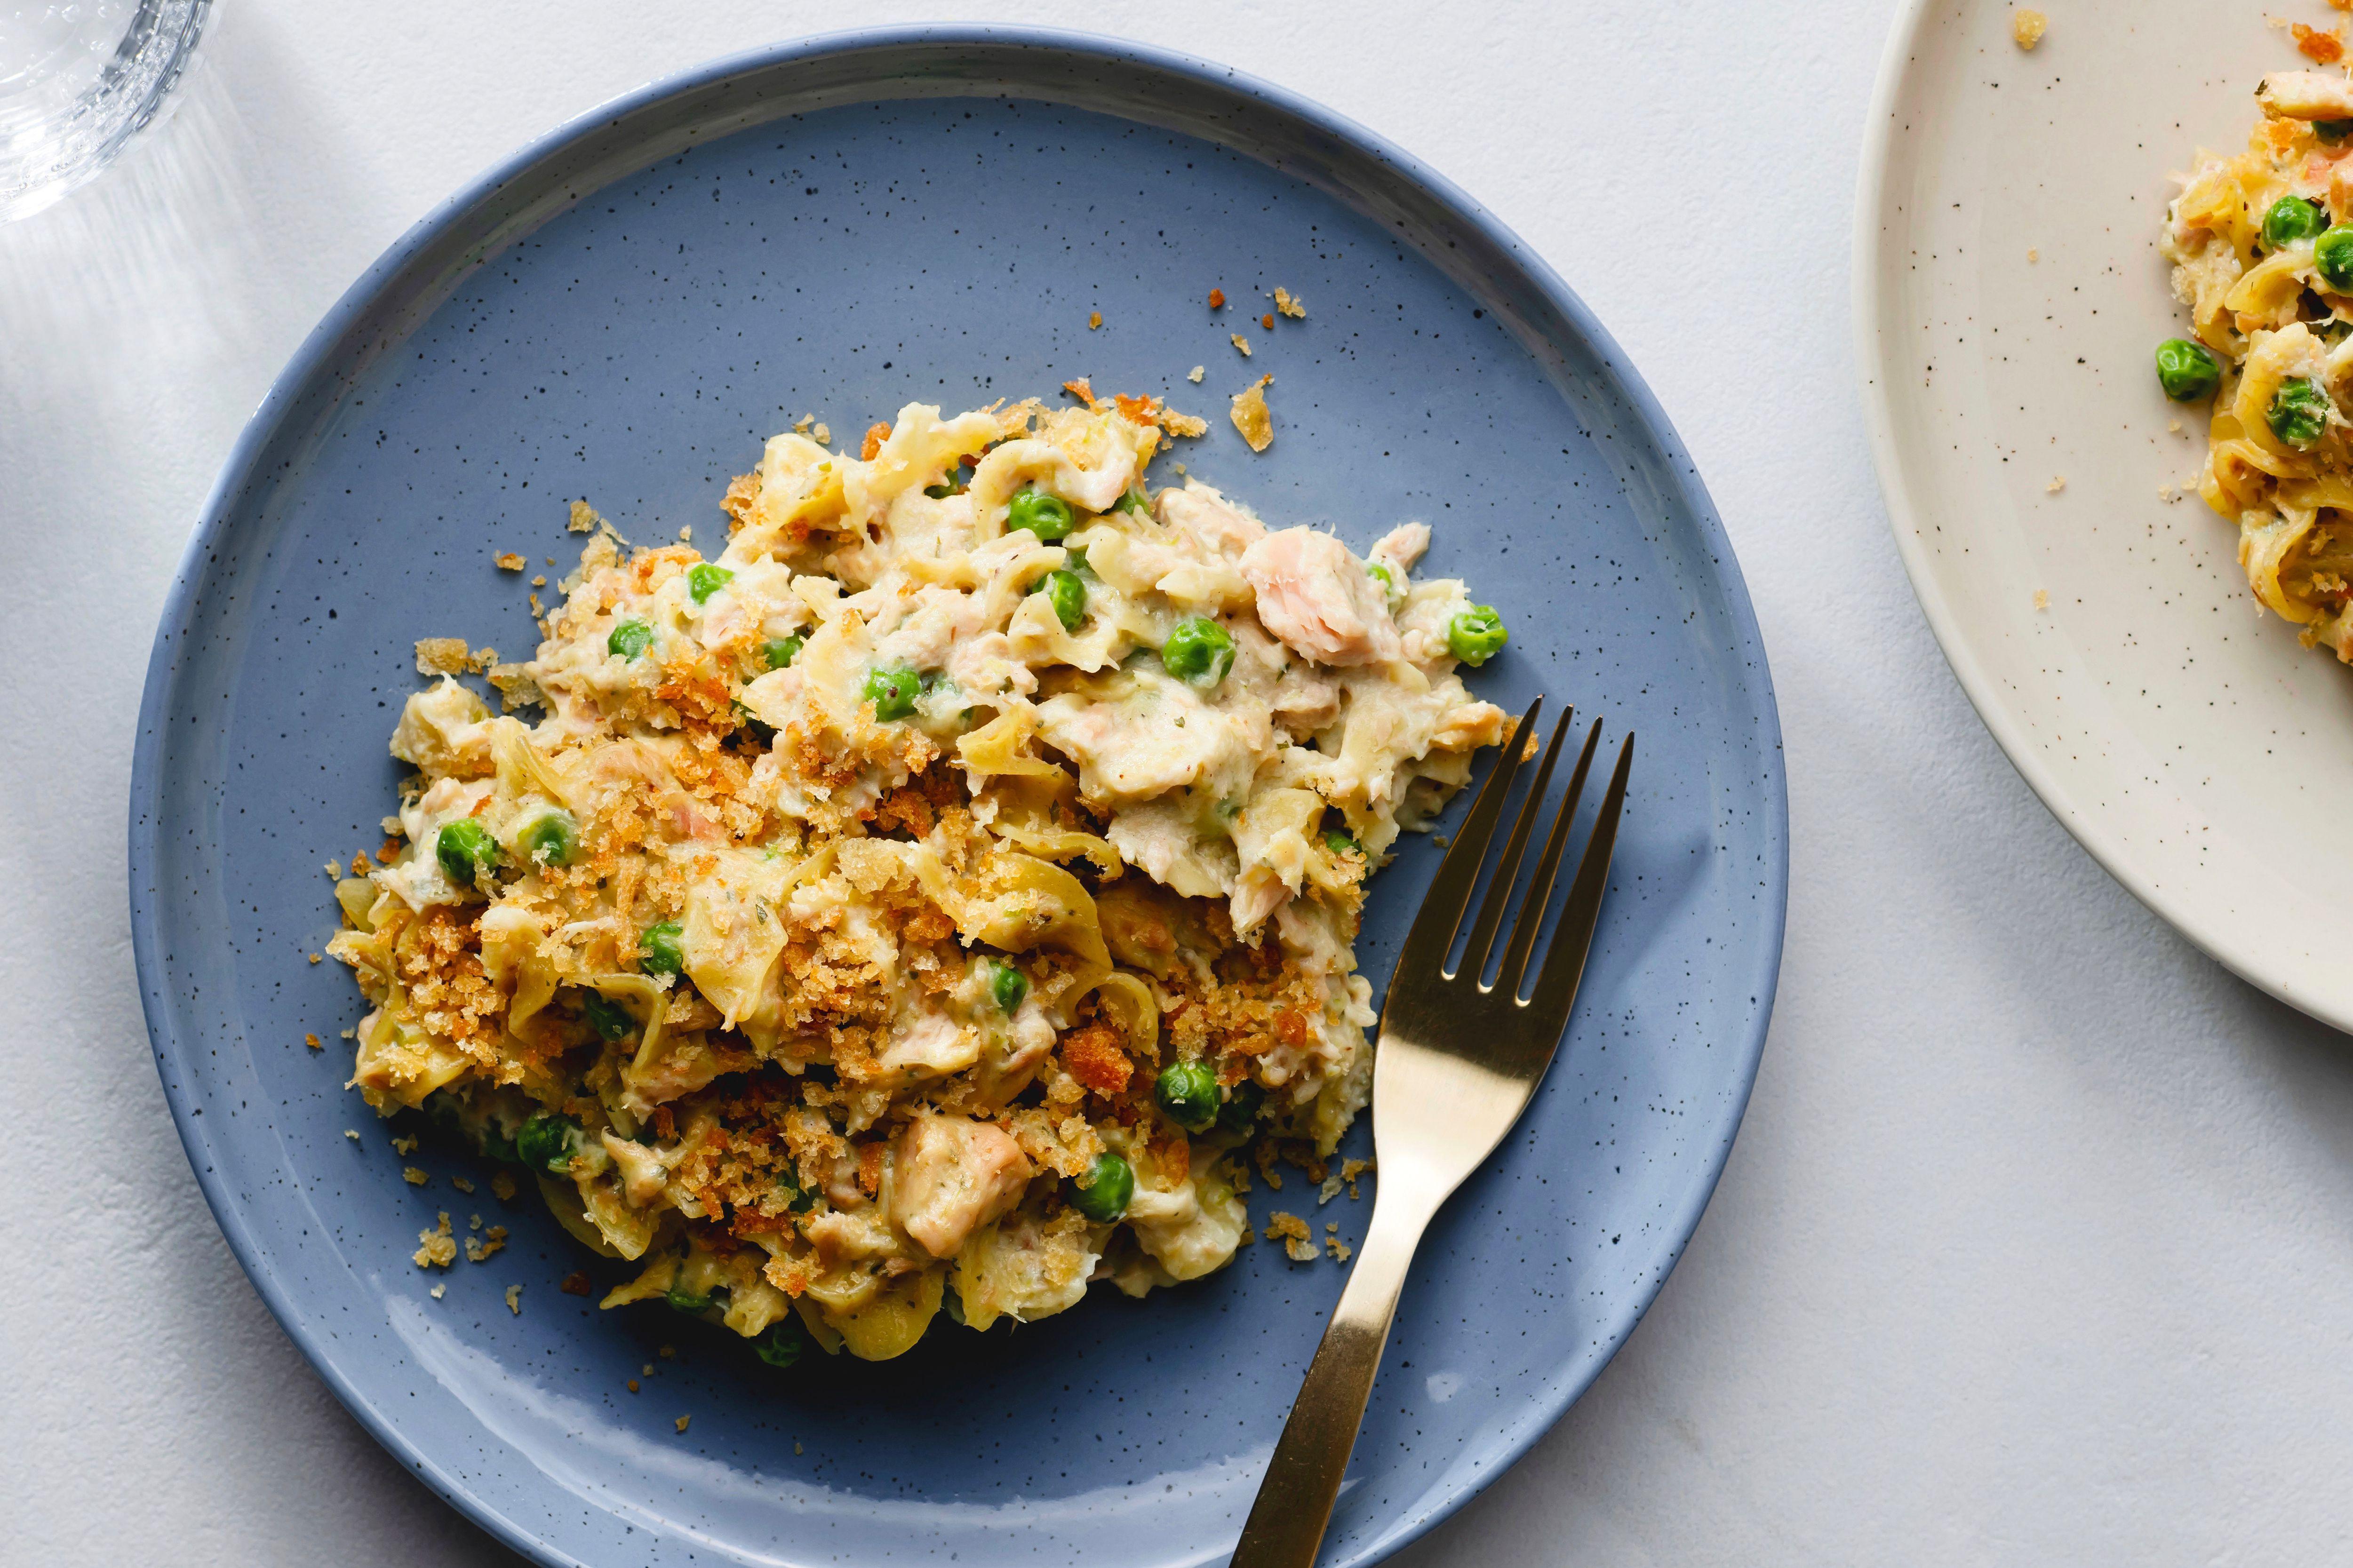 Crock Pot Tuna Casserole Recipe With Egg Noodles